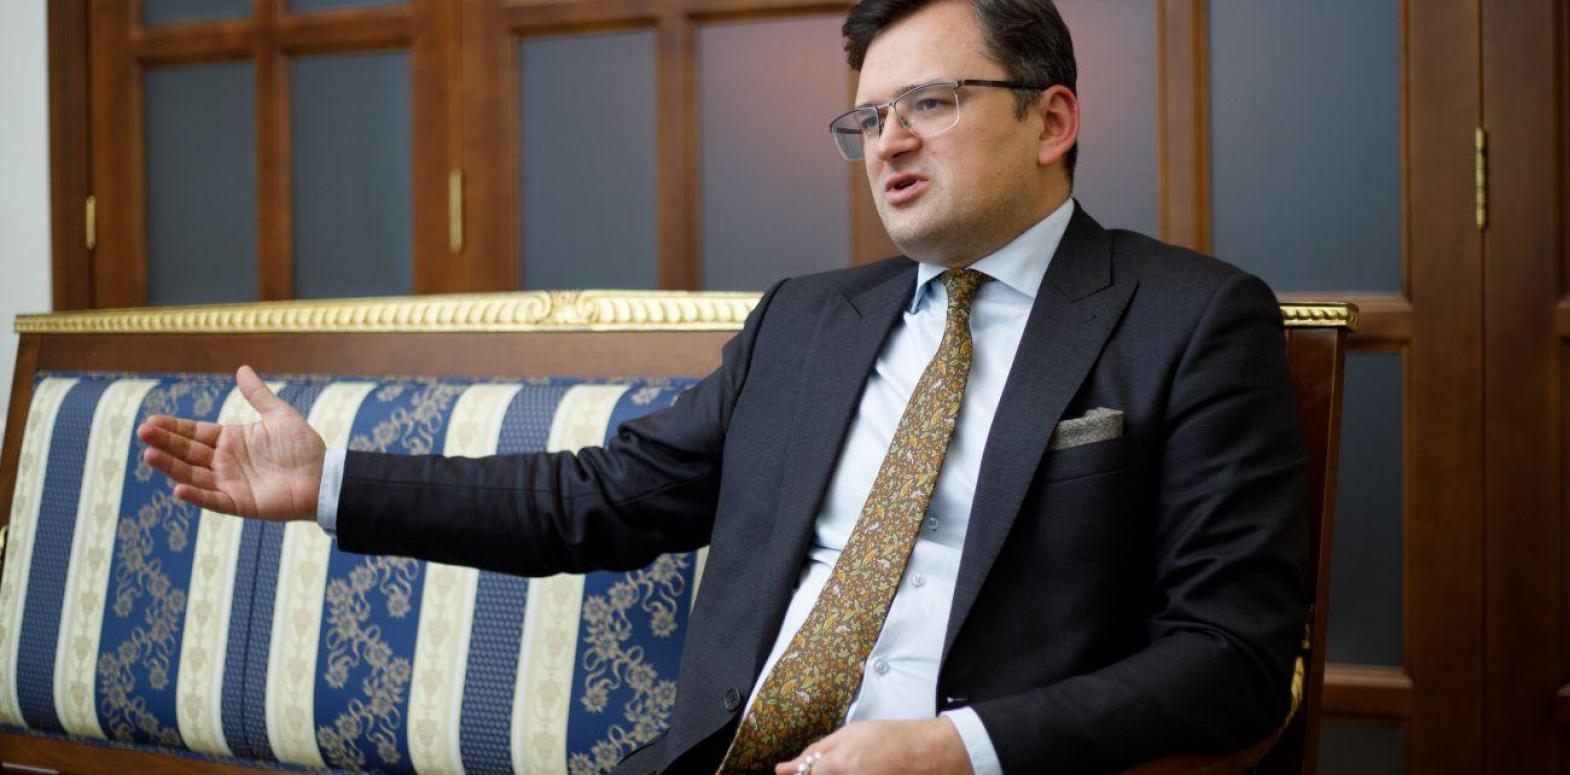 Украина планирует увеличить аграрный экспорт в Ирак. В страну направят делегацию